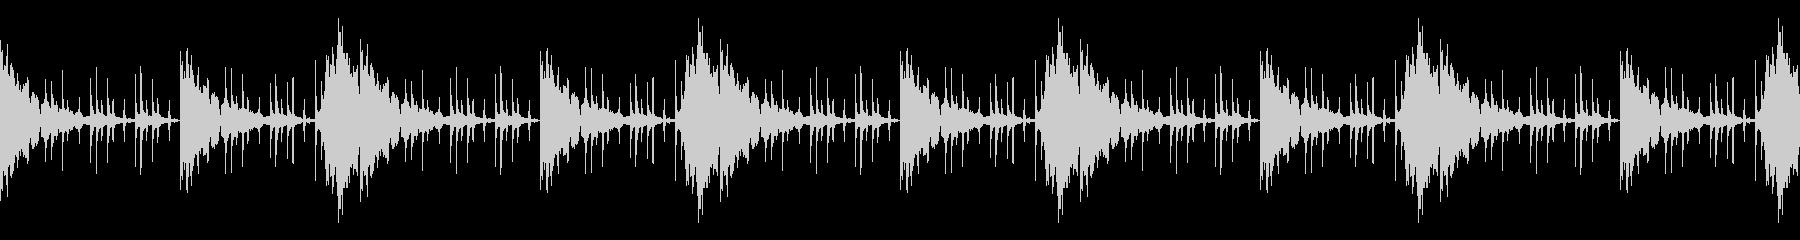 ループ素材_ホラー系の未再生の波形